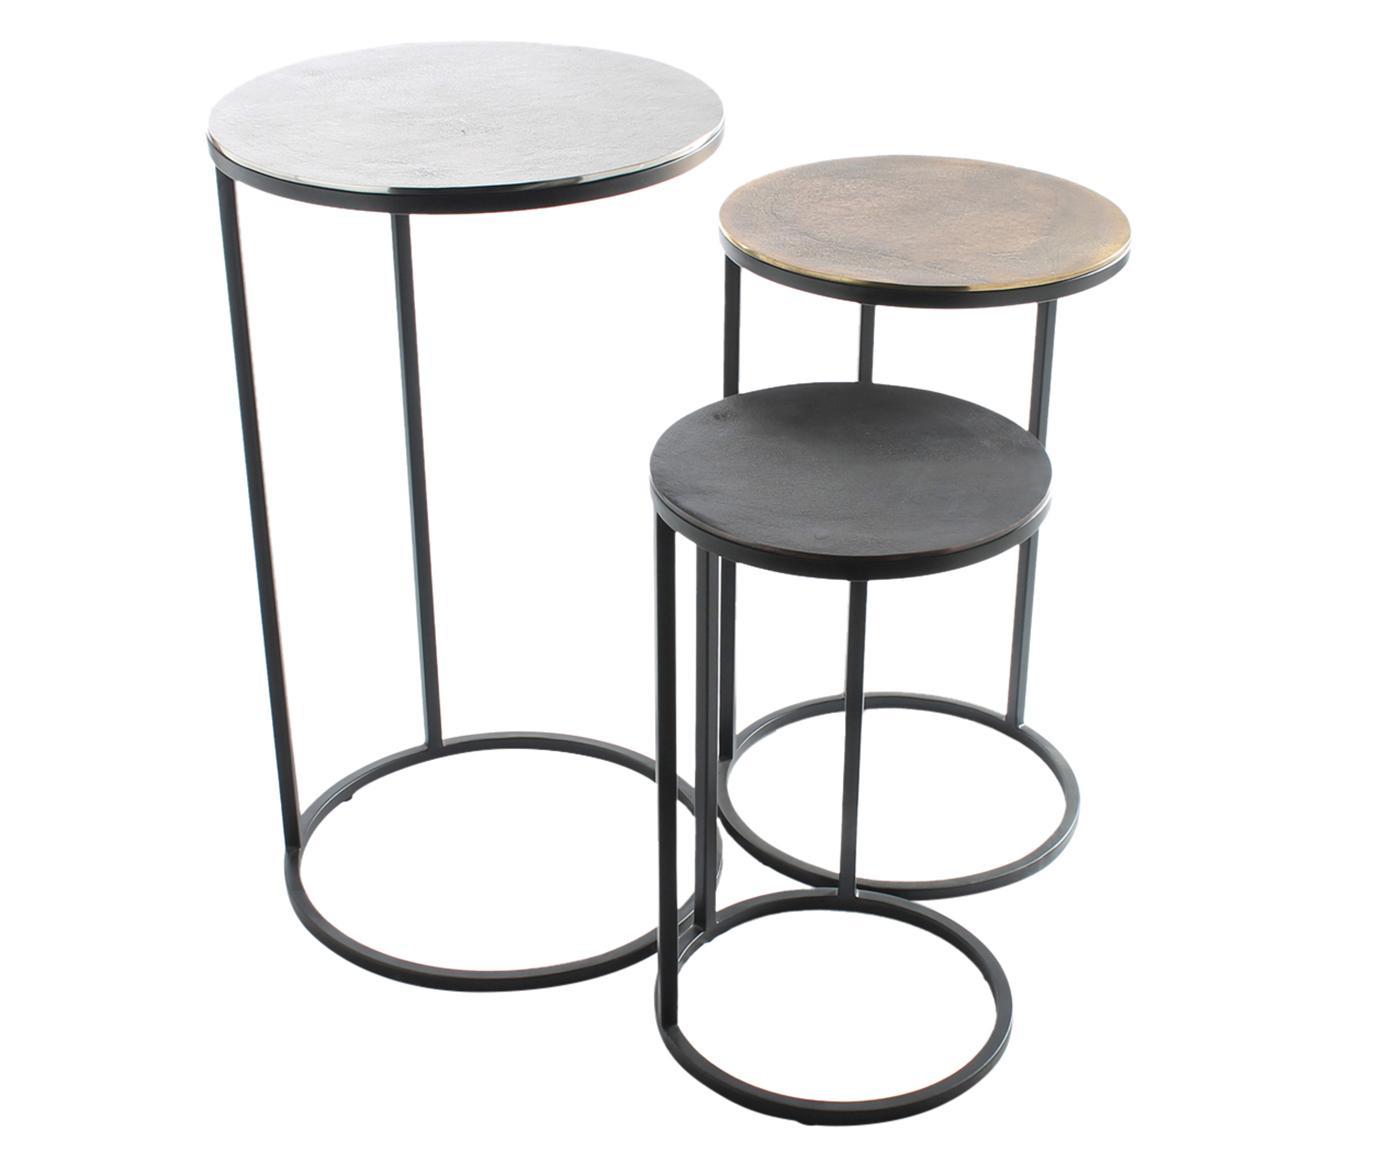 Set de mesas auxiliares Calvin, 3uds., Tablero: aluminio, recubierto, Estructura: metal, pintado, Aluminio, latón, Tamaños diferentes